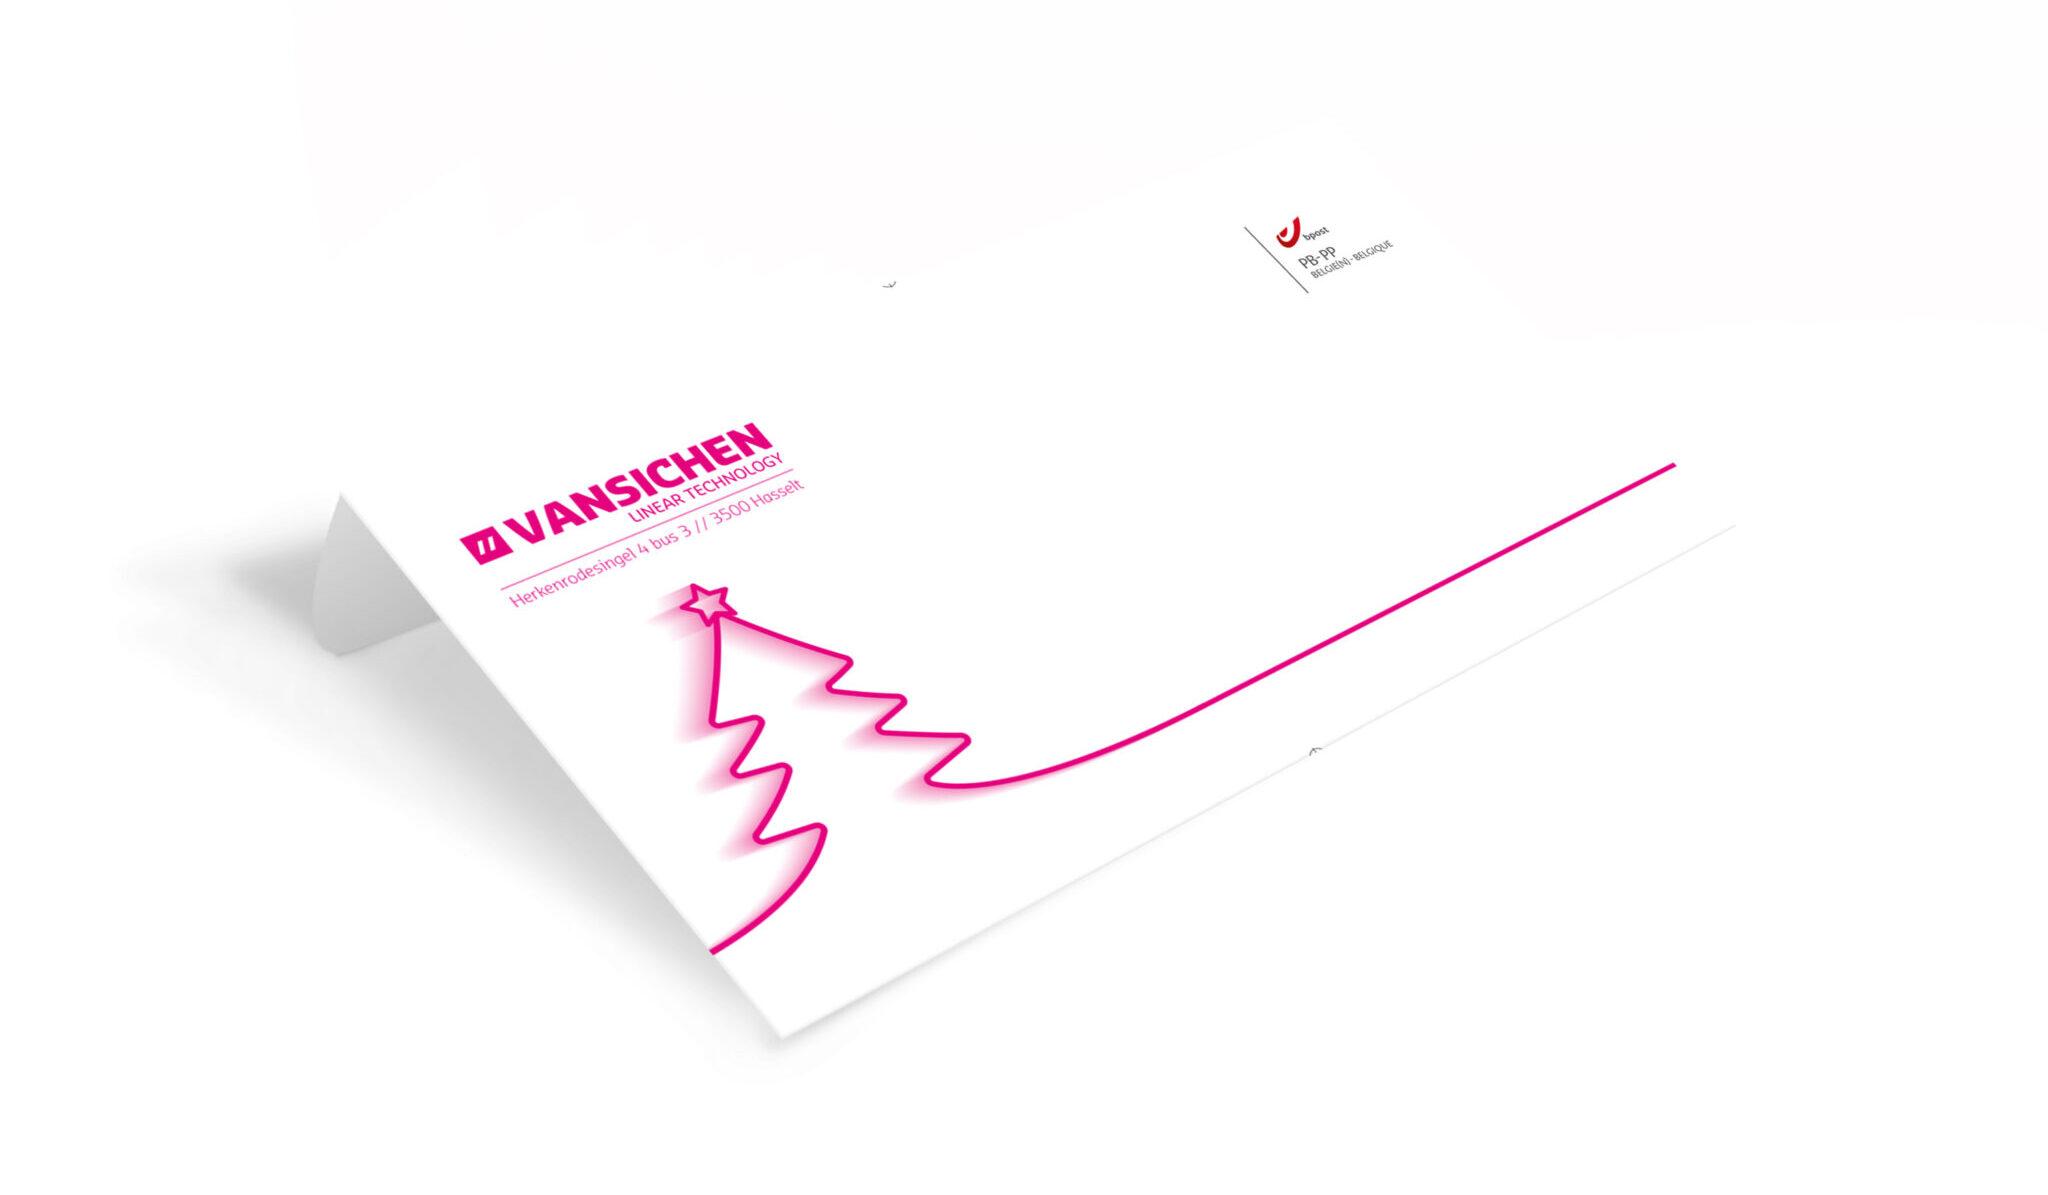 Envelop kerstkaart Vansichen Linear Technology